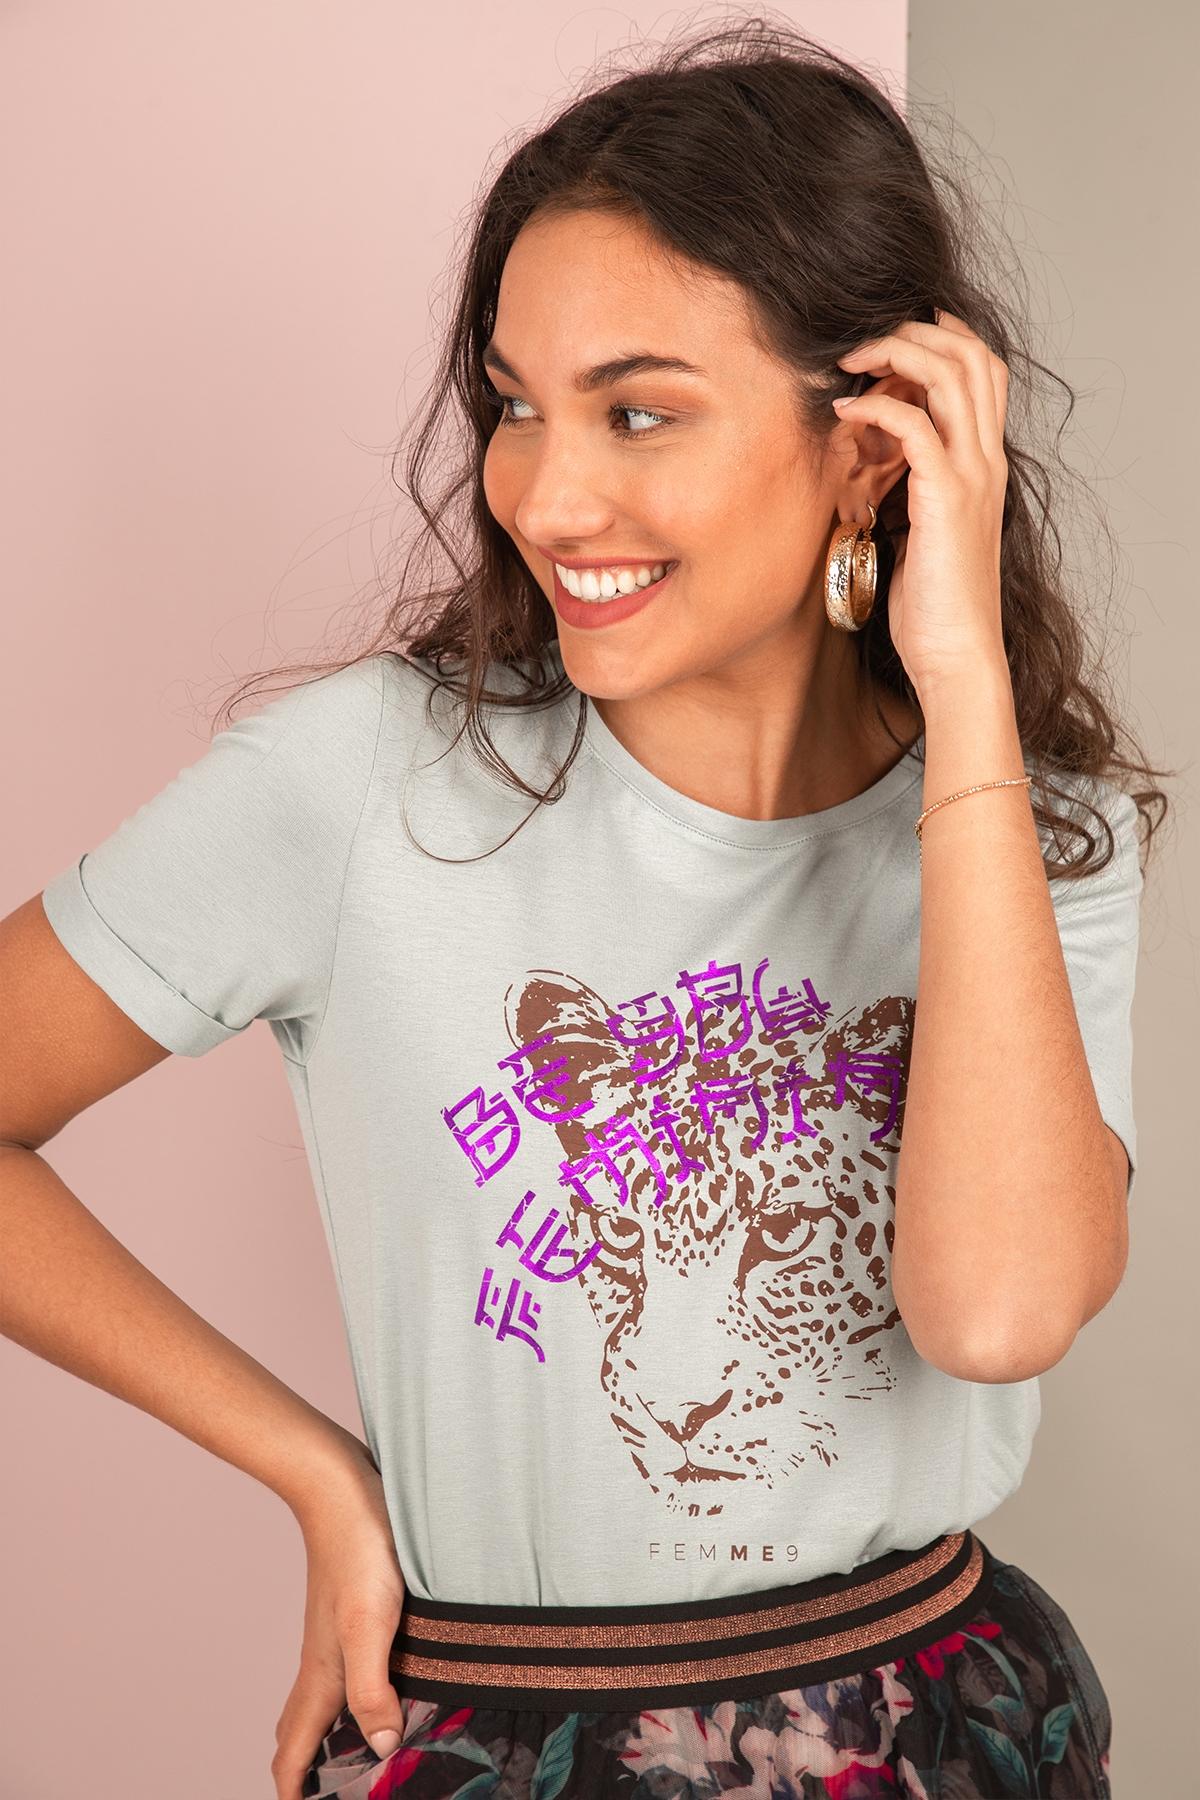 Femme9 Shirt / Top Groen Jolie